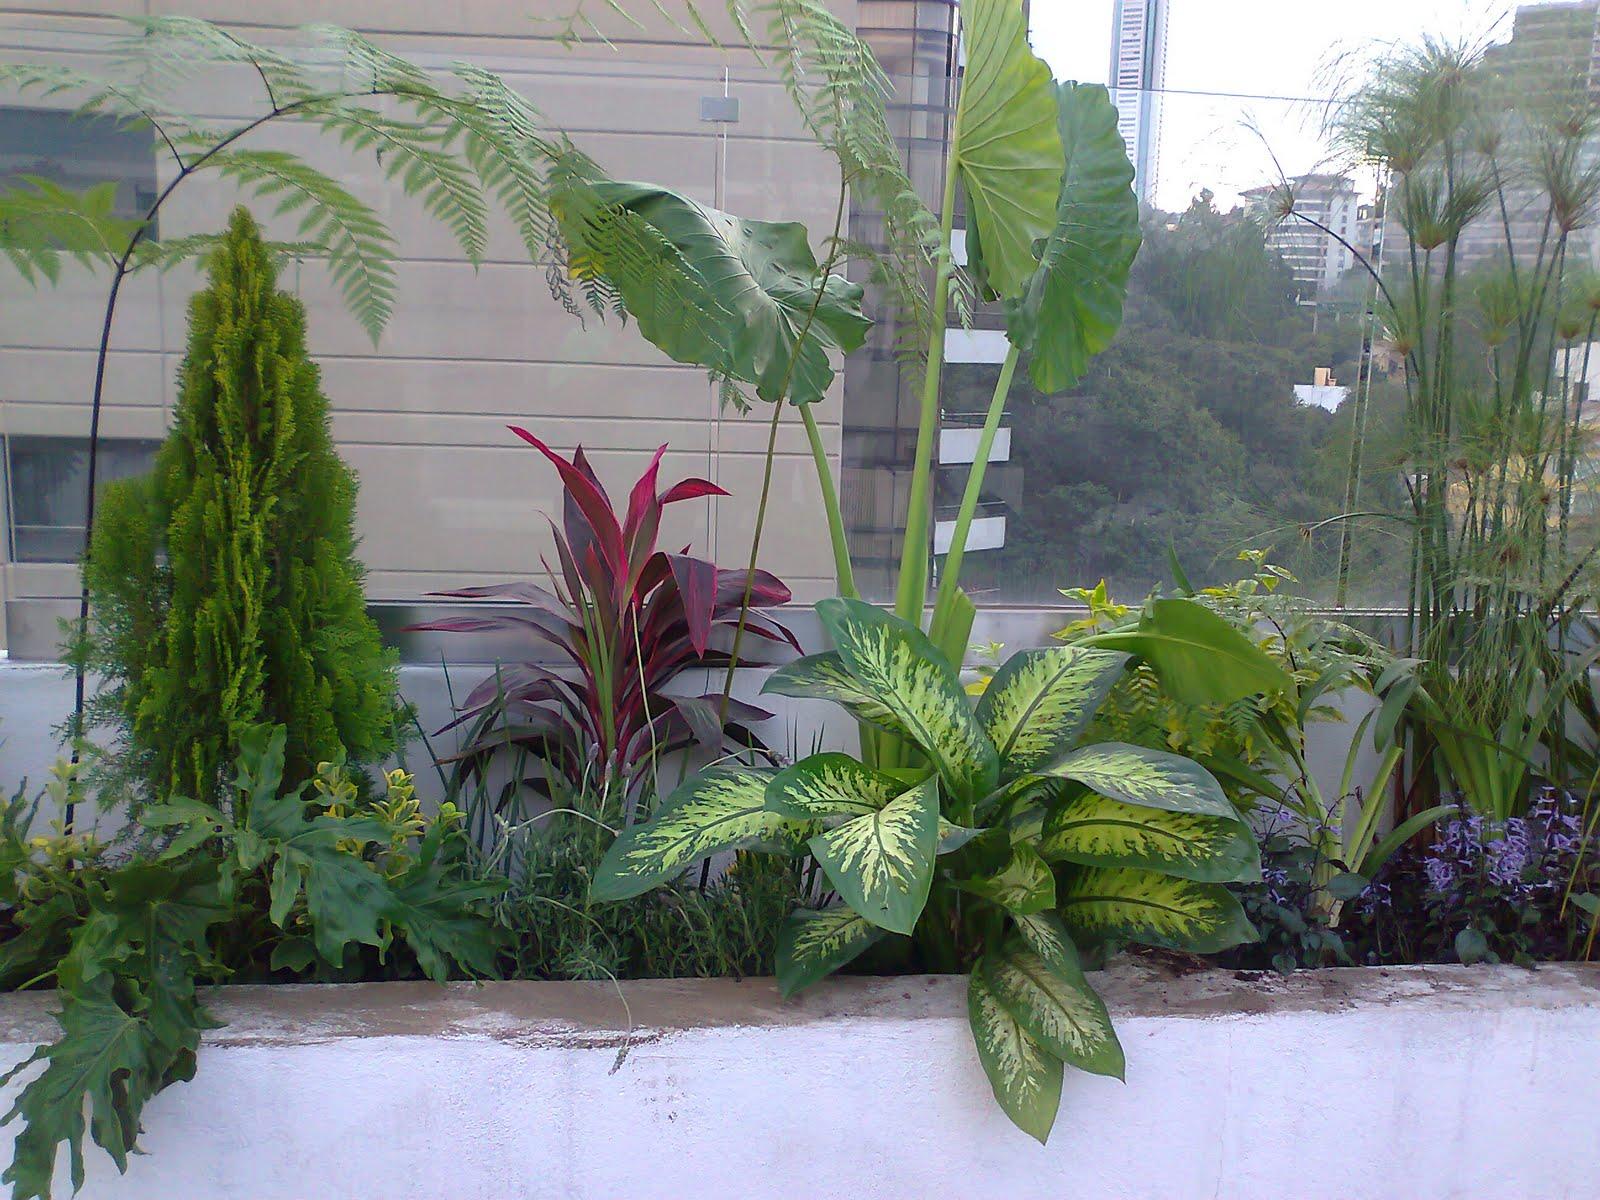 Jardineria xochimilco jardineria xochimilco for Jardineros en xochimilco